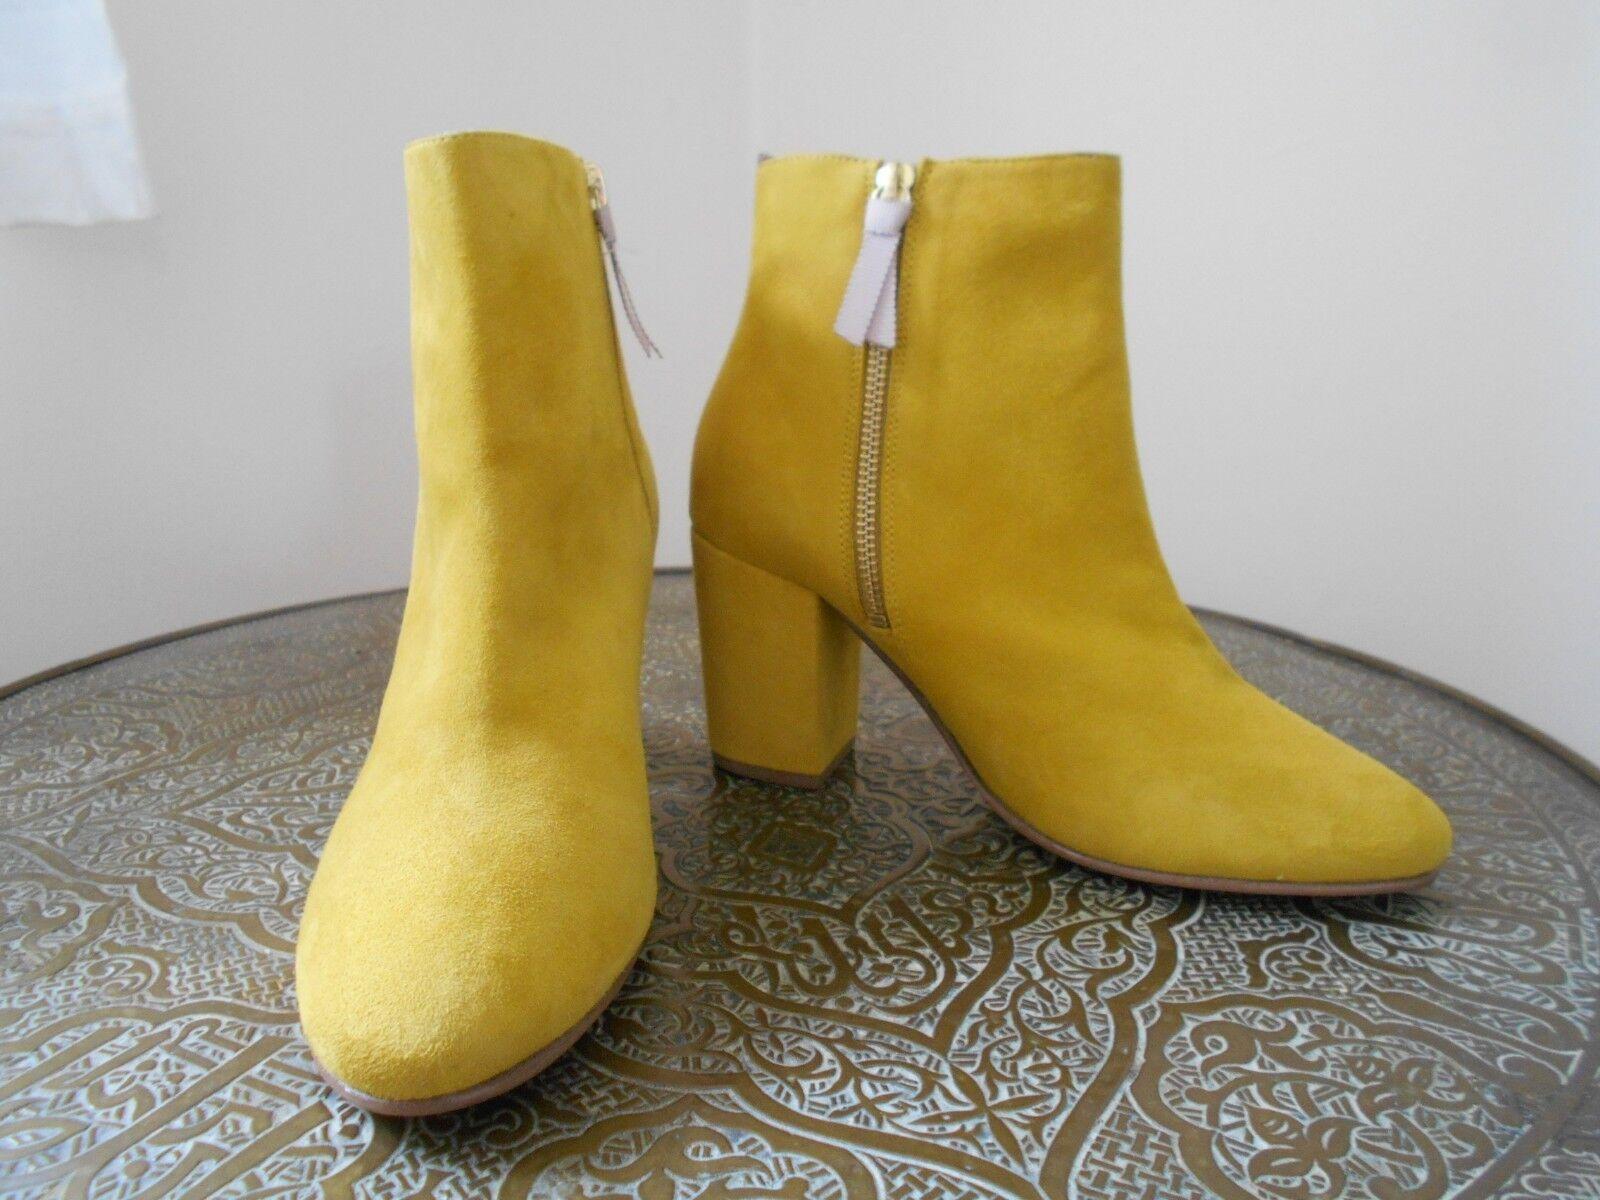 BODEN  New  Etta Ankle Stiefel - Yellow Suede - Größe 37/4 - 2018